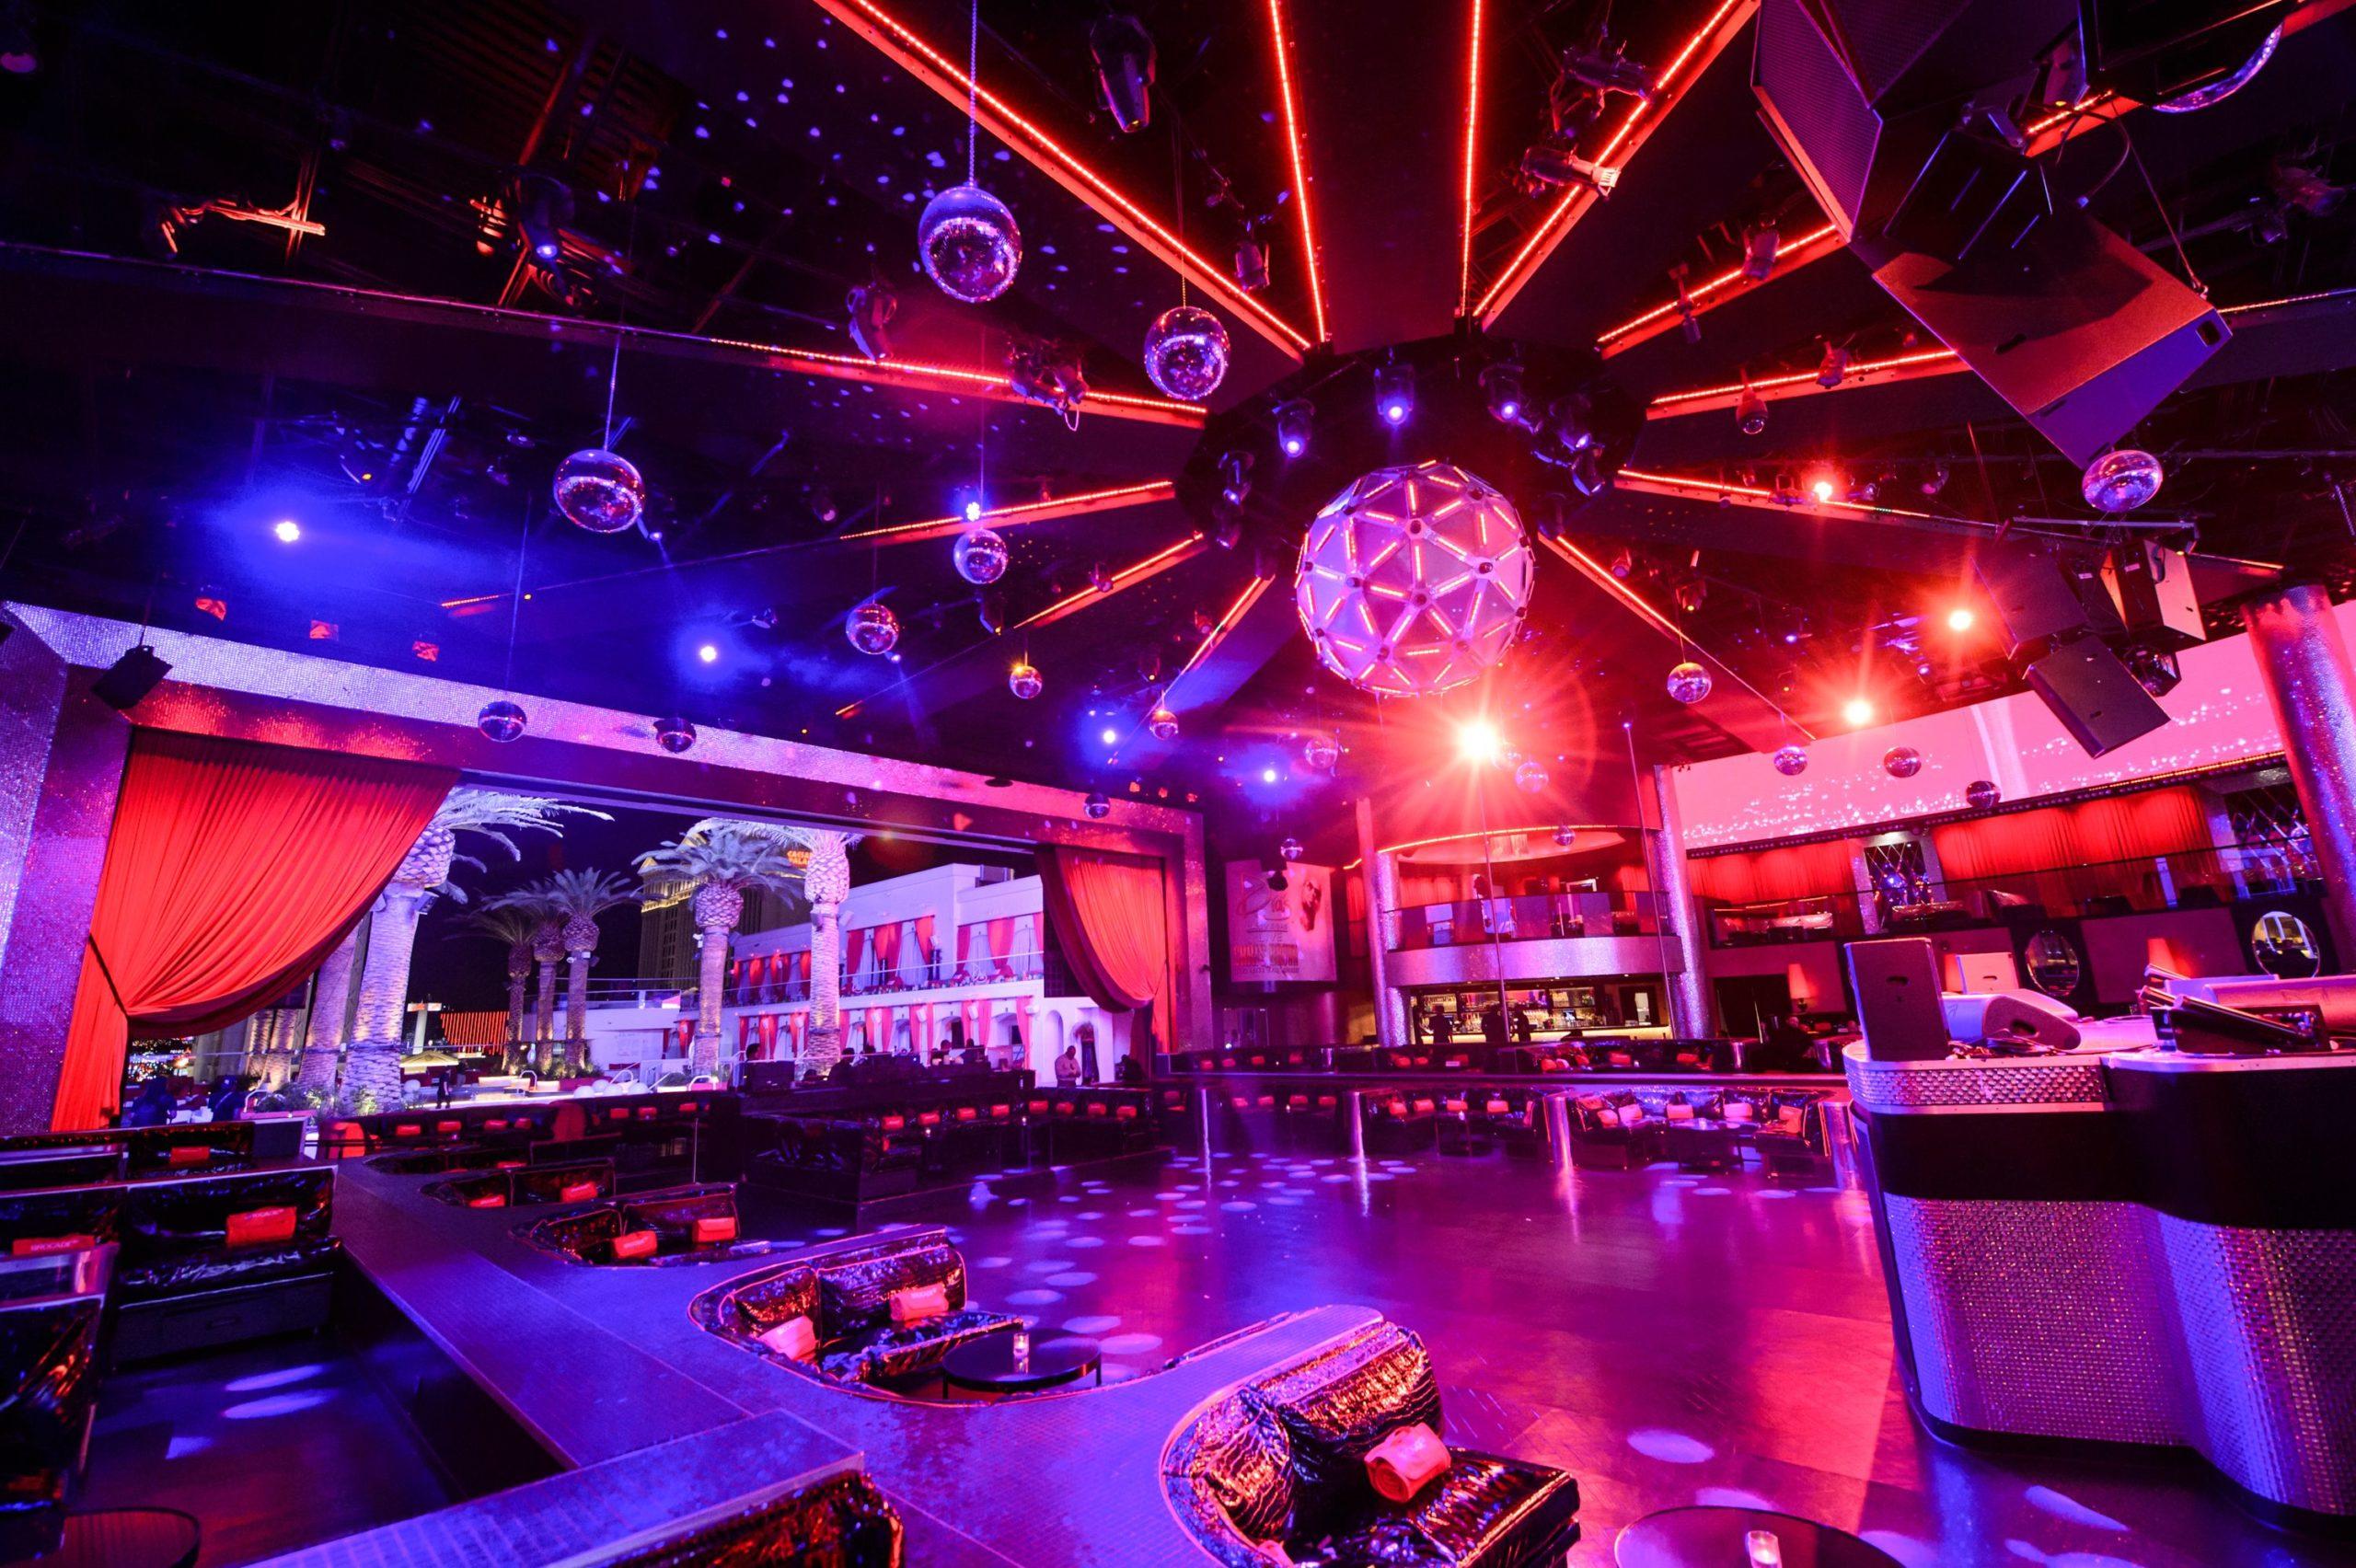 Drais Las Vegas Nightclub